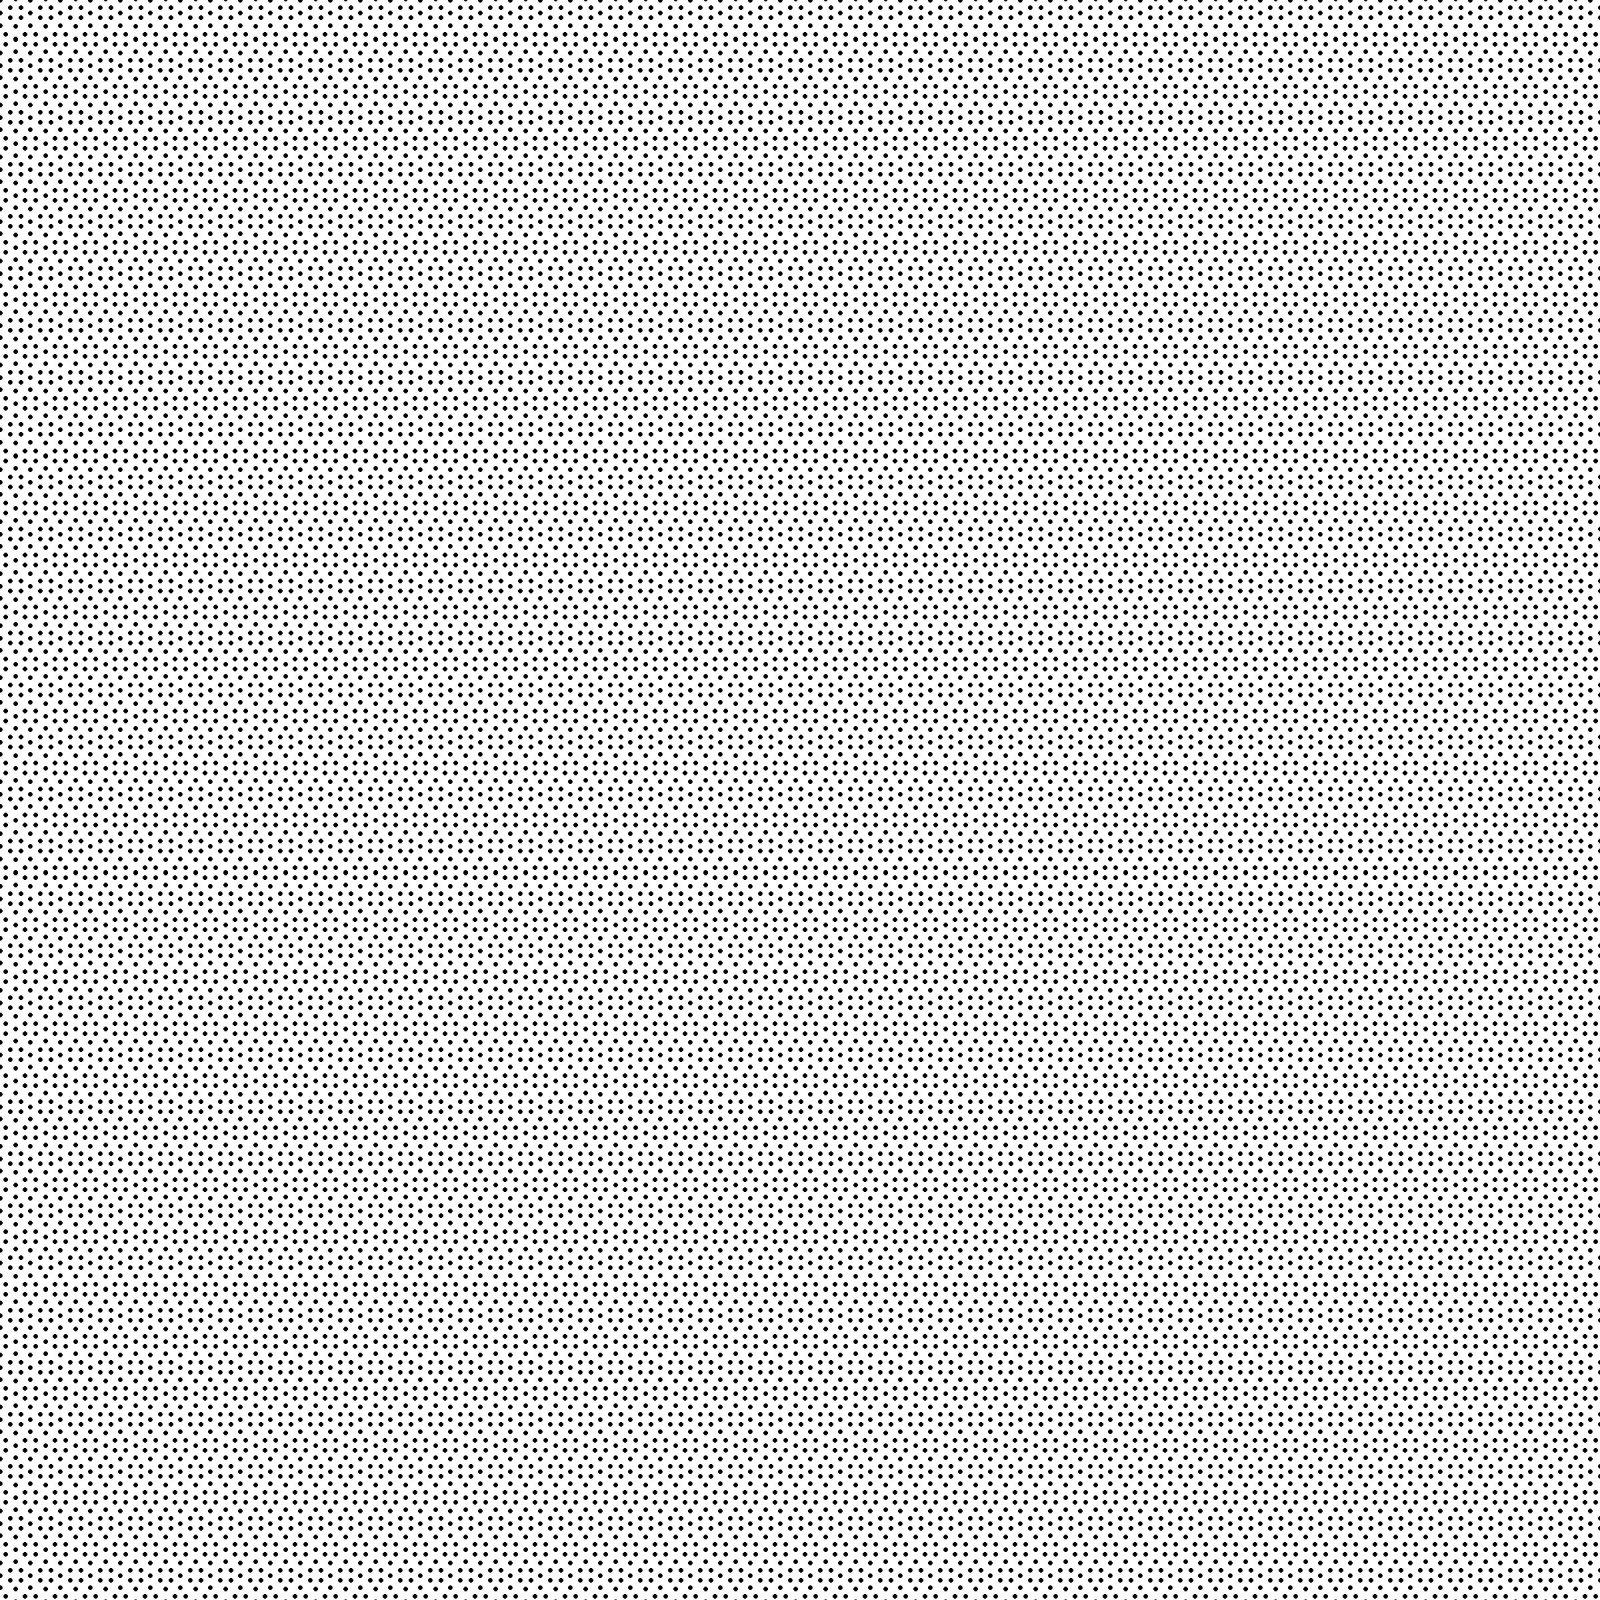 RJR Fabrics - Bare Essentials Deluxe - Lots Of Dots